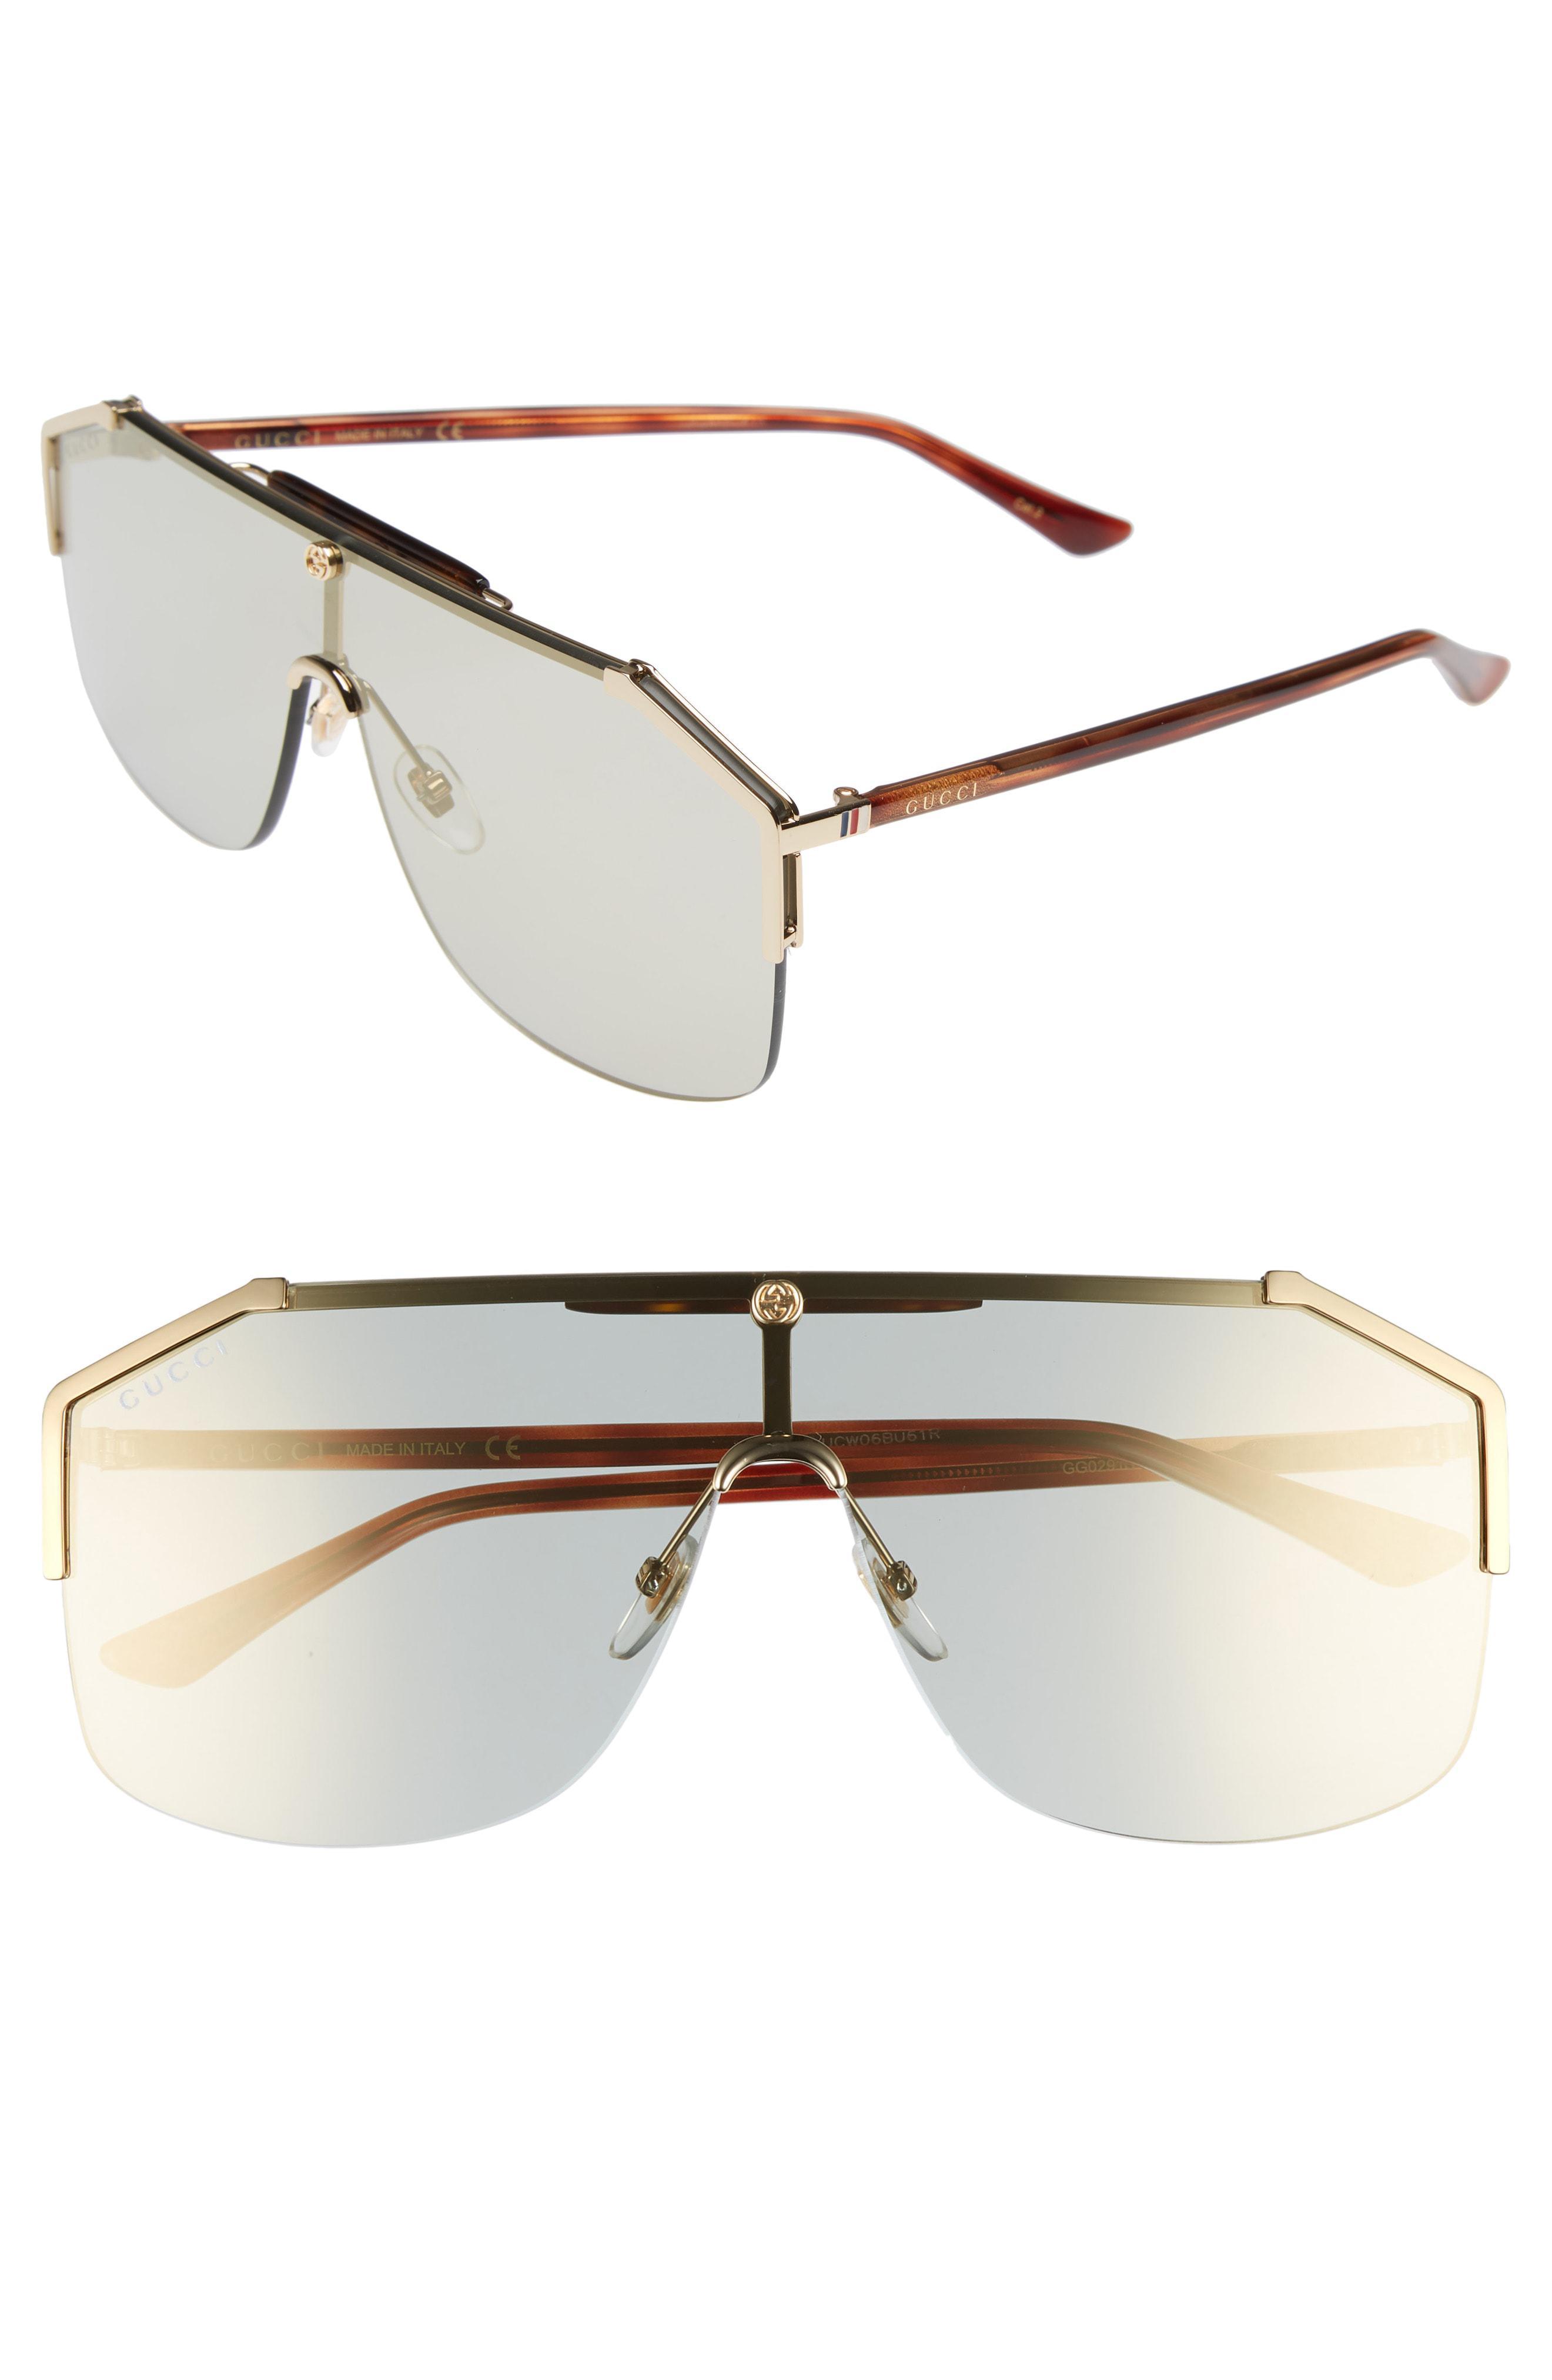 4055760f8 Lyst - Gucci Retro Web Shield 62mm Sunglasses - for Men